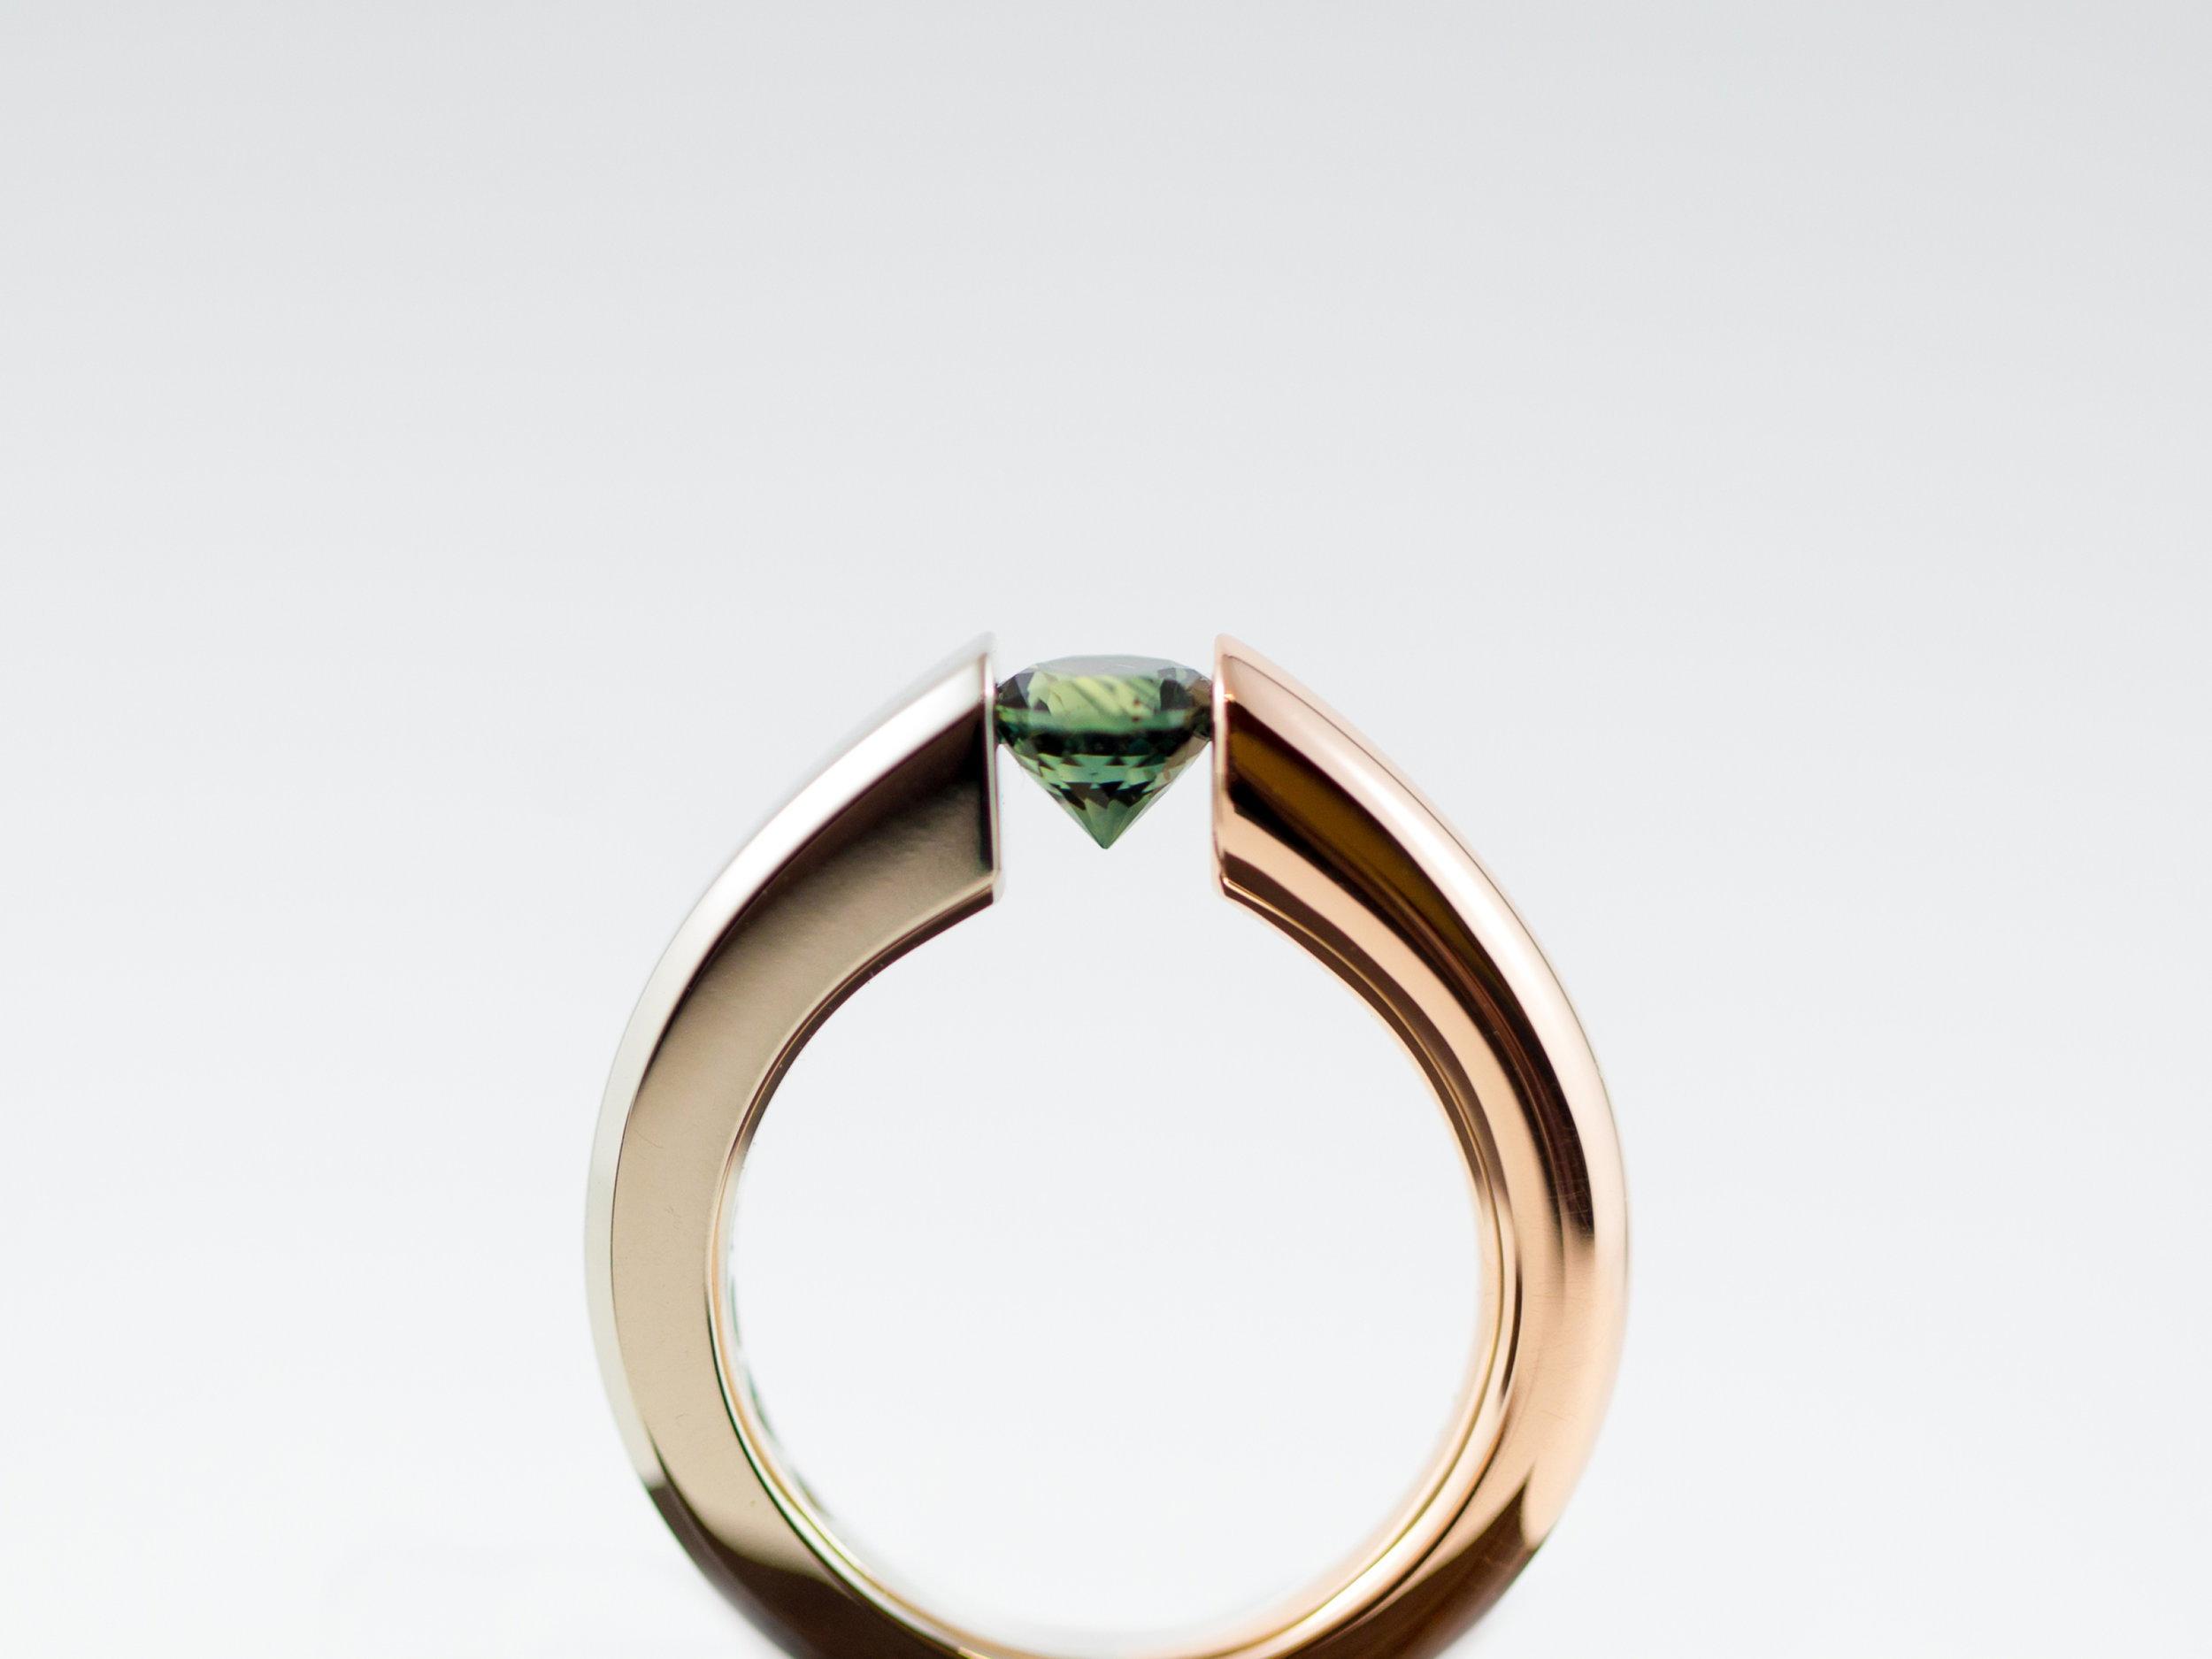 roseandcrown_engagement_rings_01.jpg